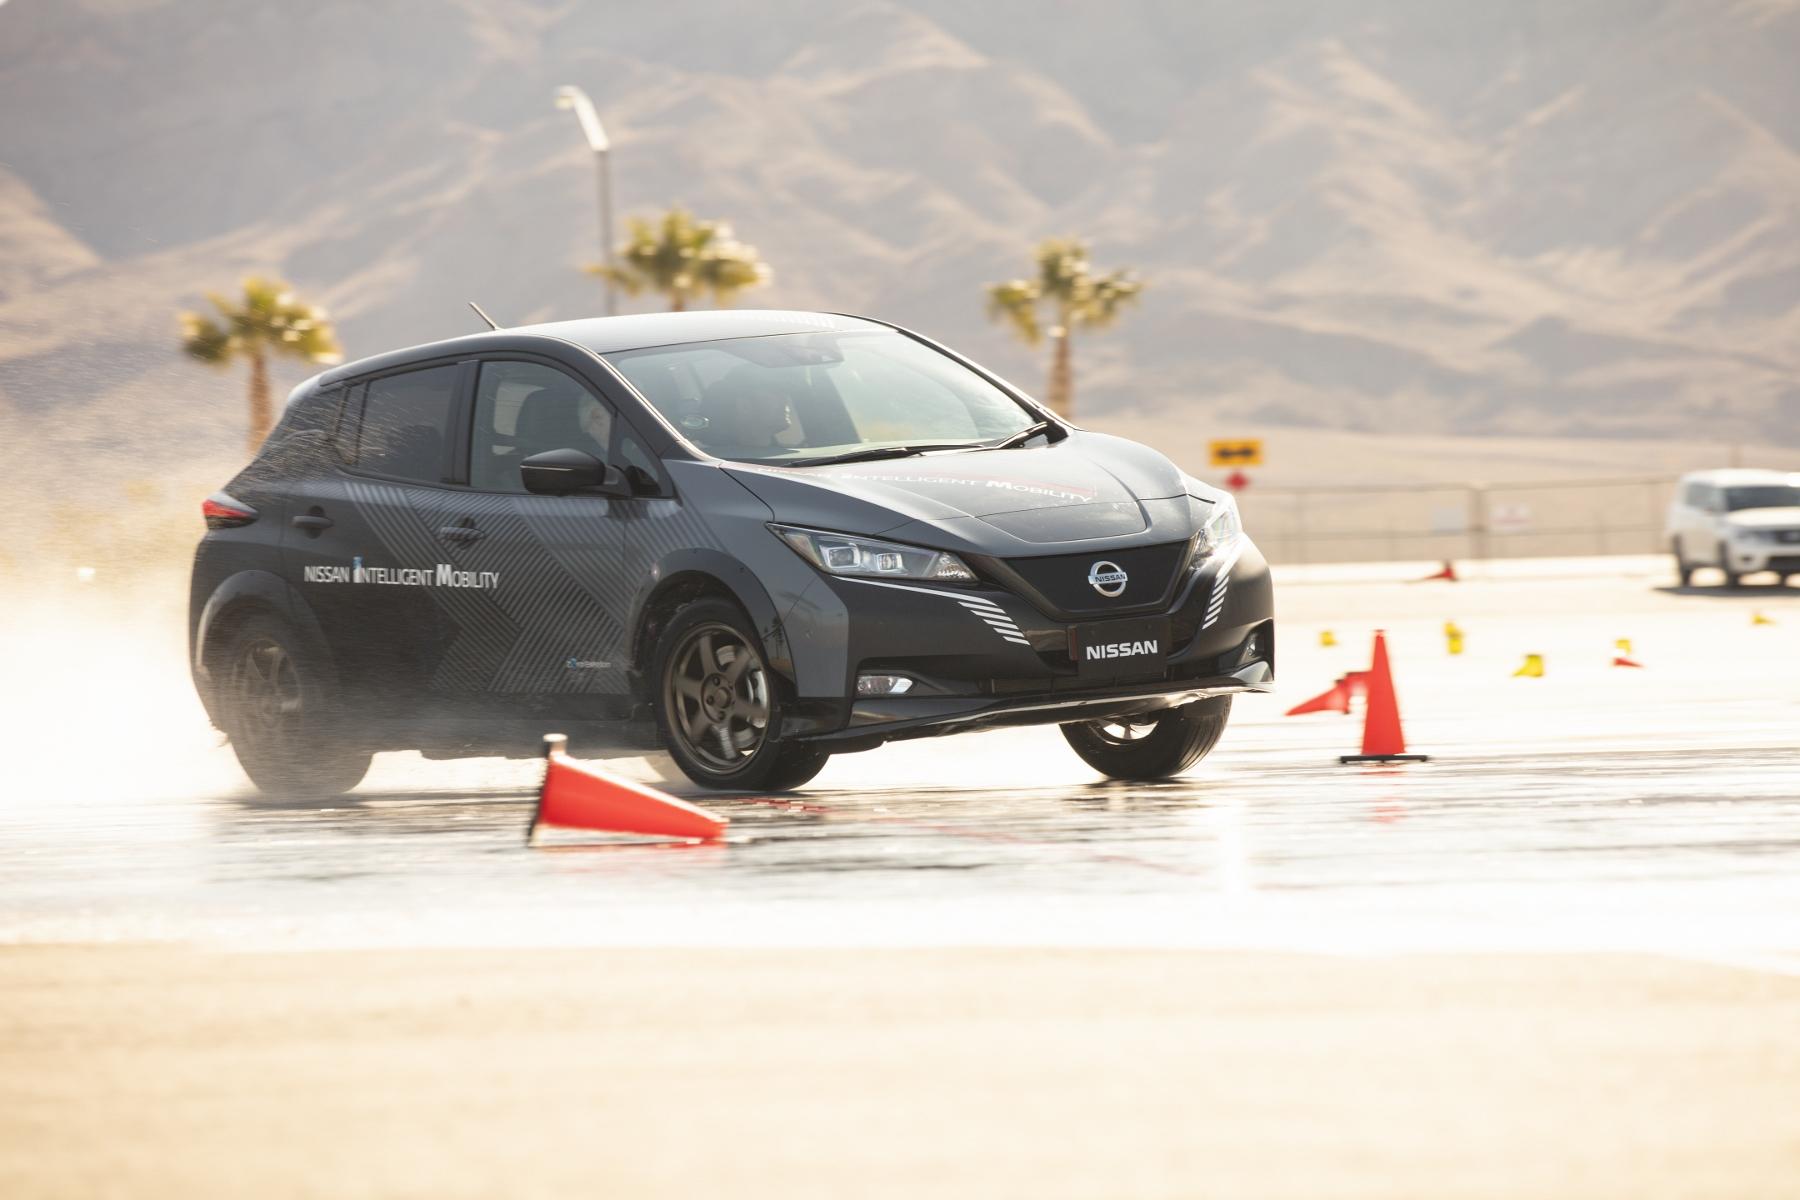 Nissan prichádza s revolučným elektrickým pohonom všetkých kolies ZkNK7JOY8z nissan-leaf-prototyp-10